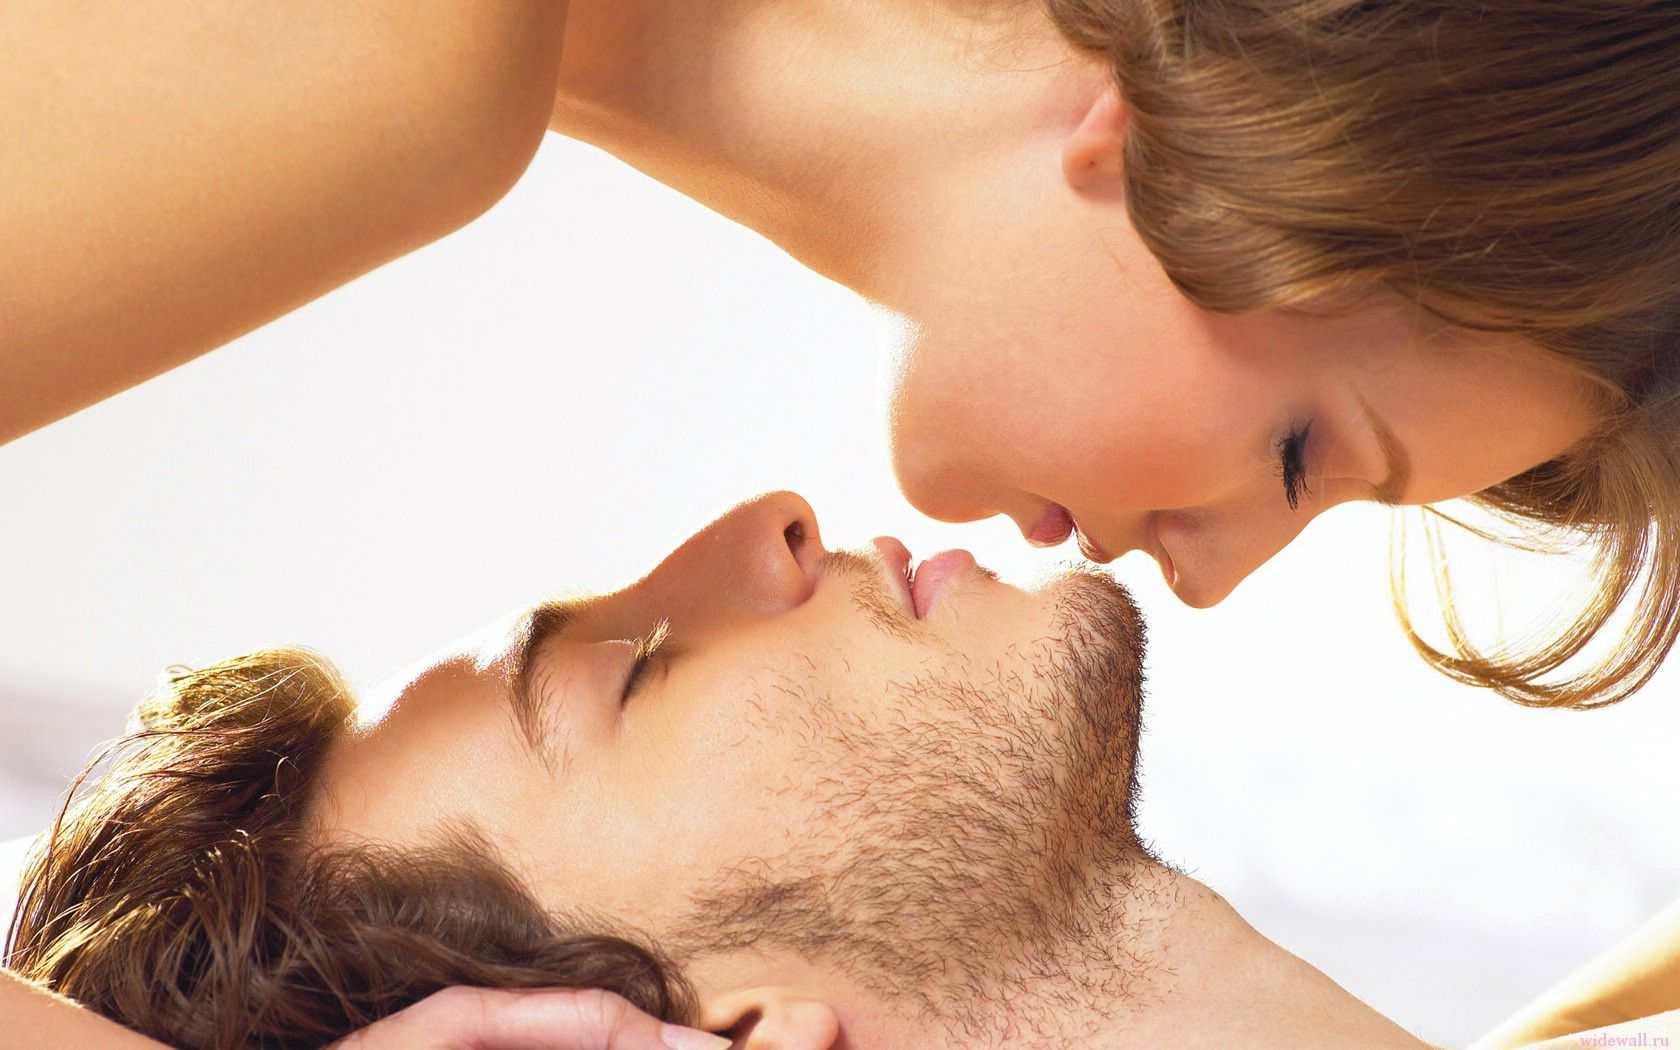 интимные отношения корейские мужчина и женщина видео